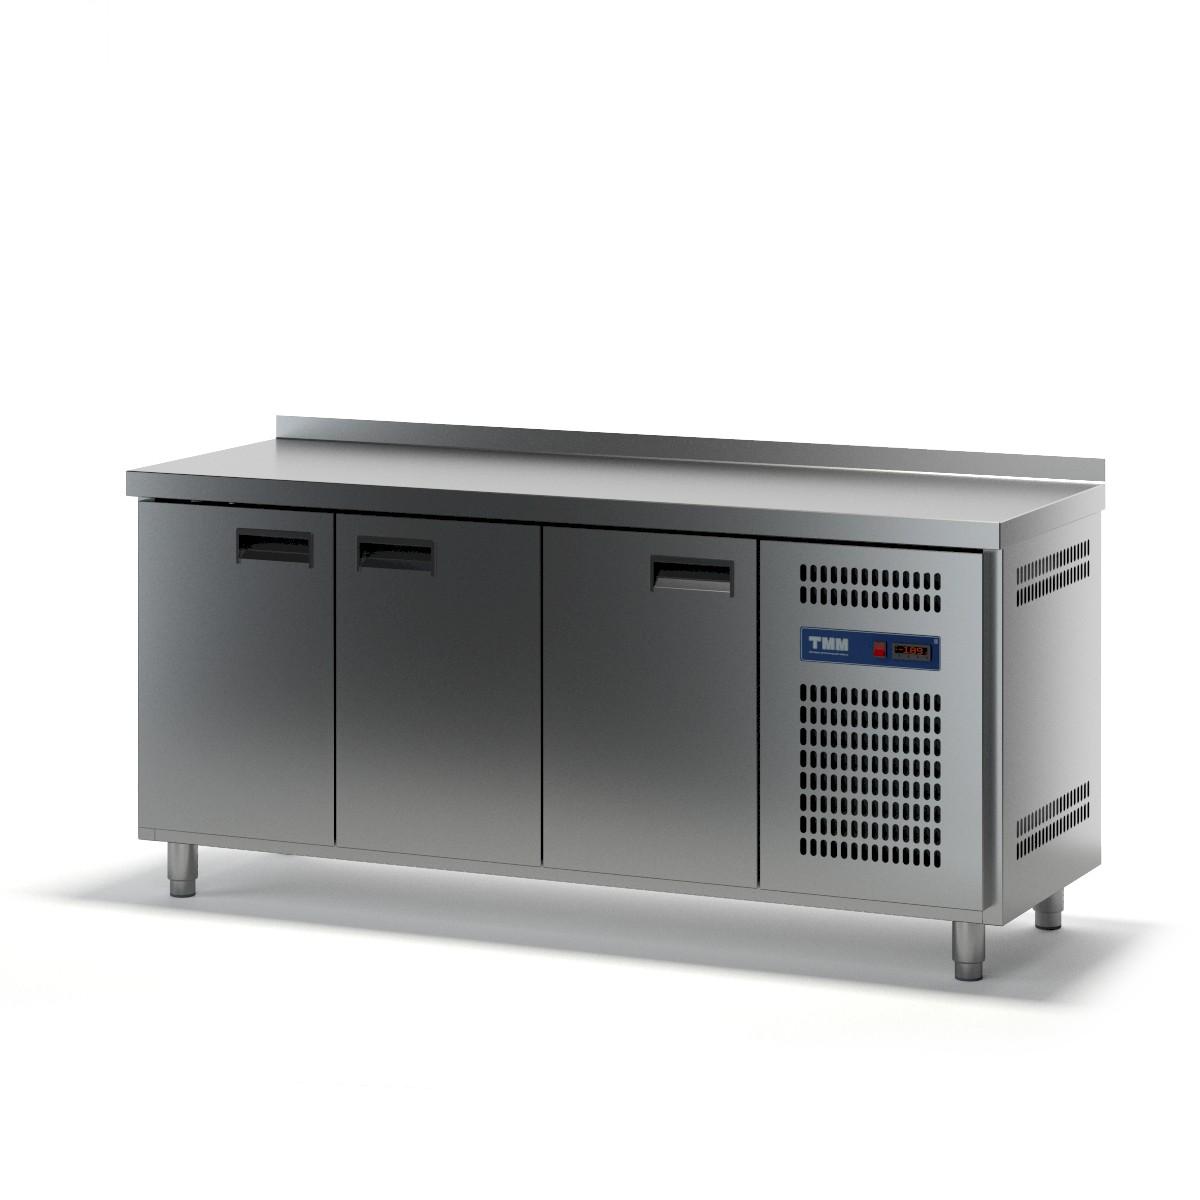 Стол холодильный трехдверный СХСБ-2/3Д 1835х700